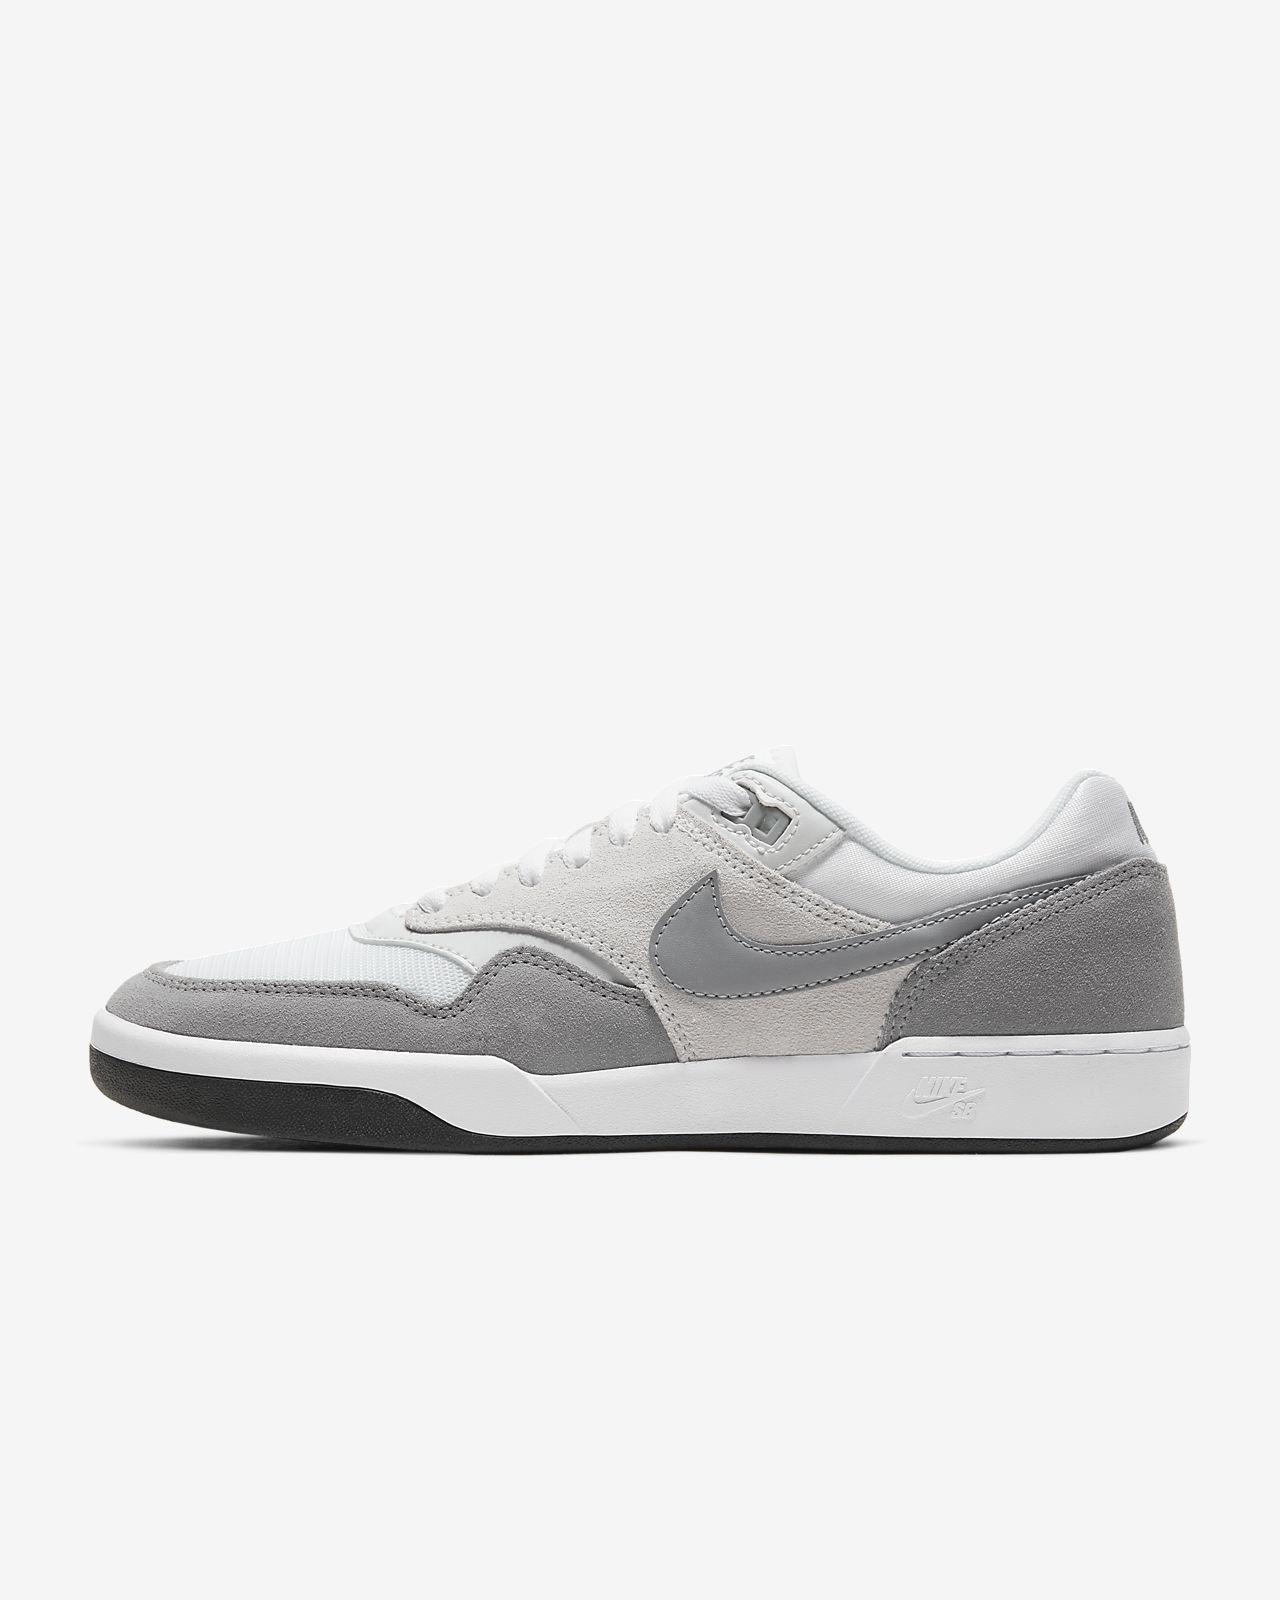 รองเท้าสเก็ตบอร์ด Nike SB GTS Return